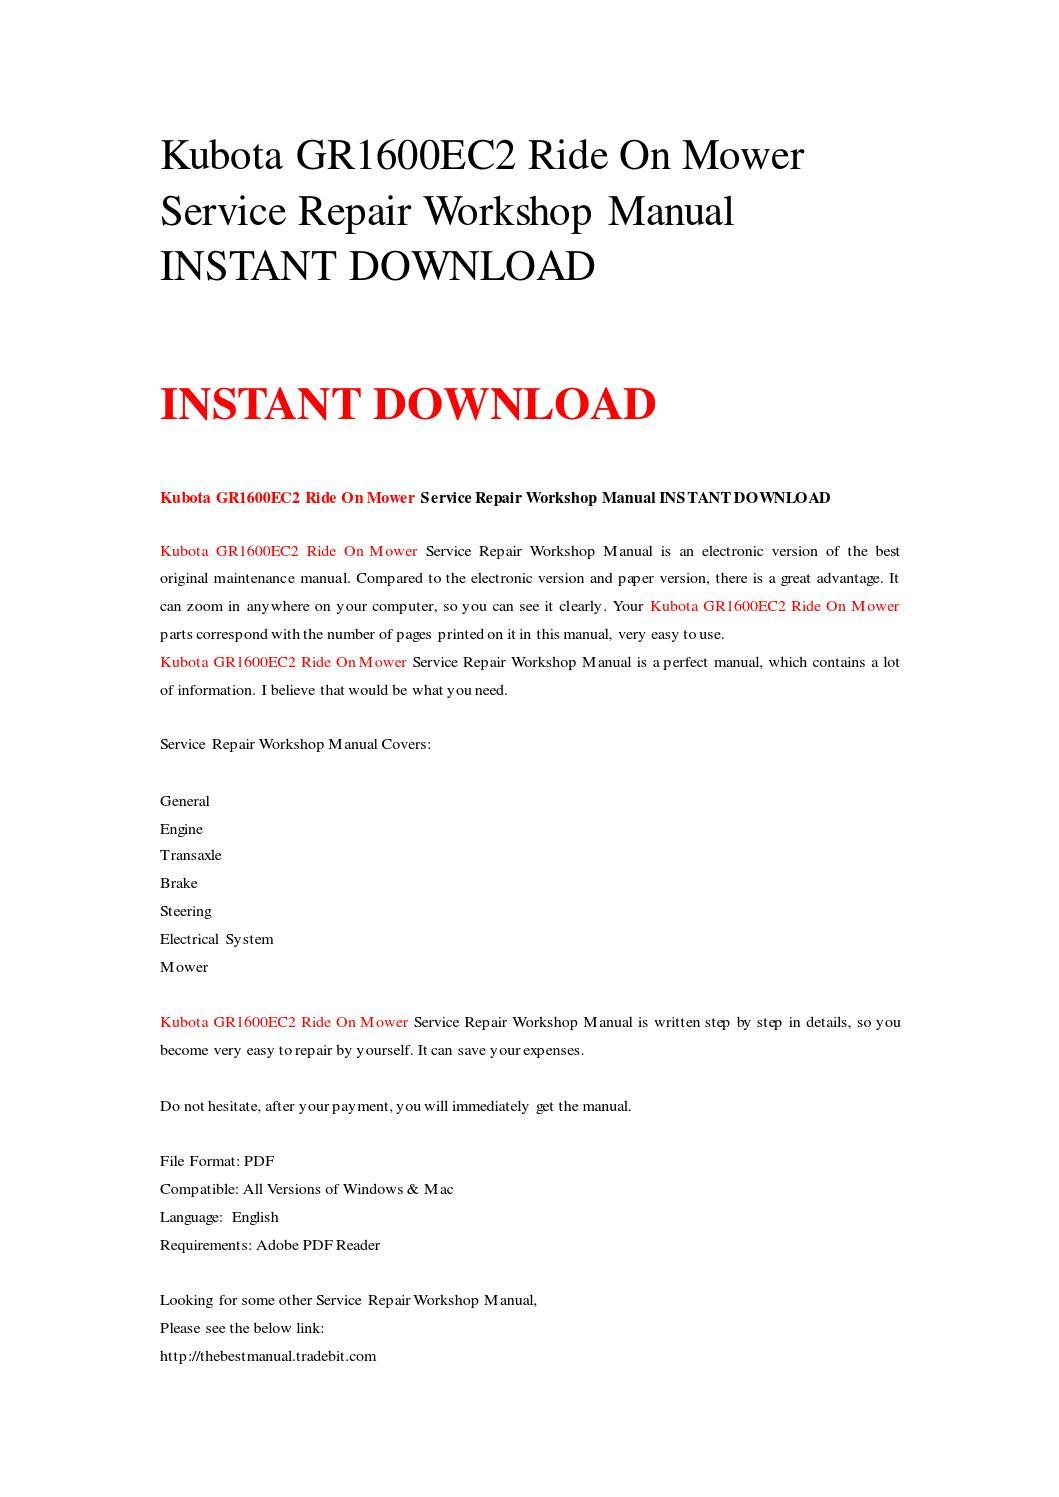 Kubota gr1600ec2 ride on mower service repair workshop manual instant  download by rrrepairmanual - issuu